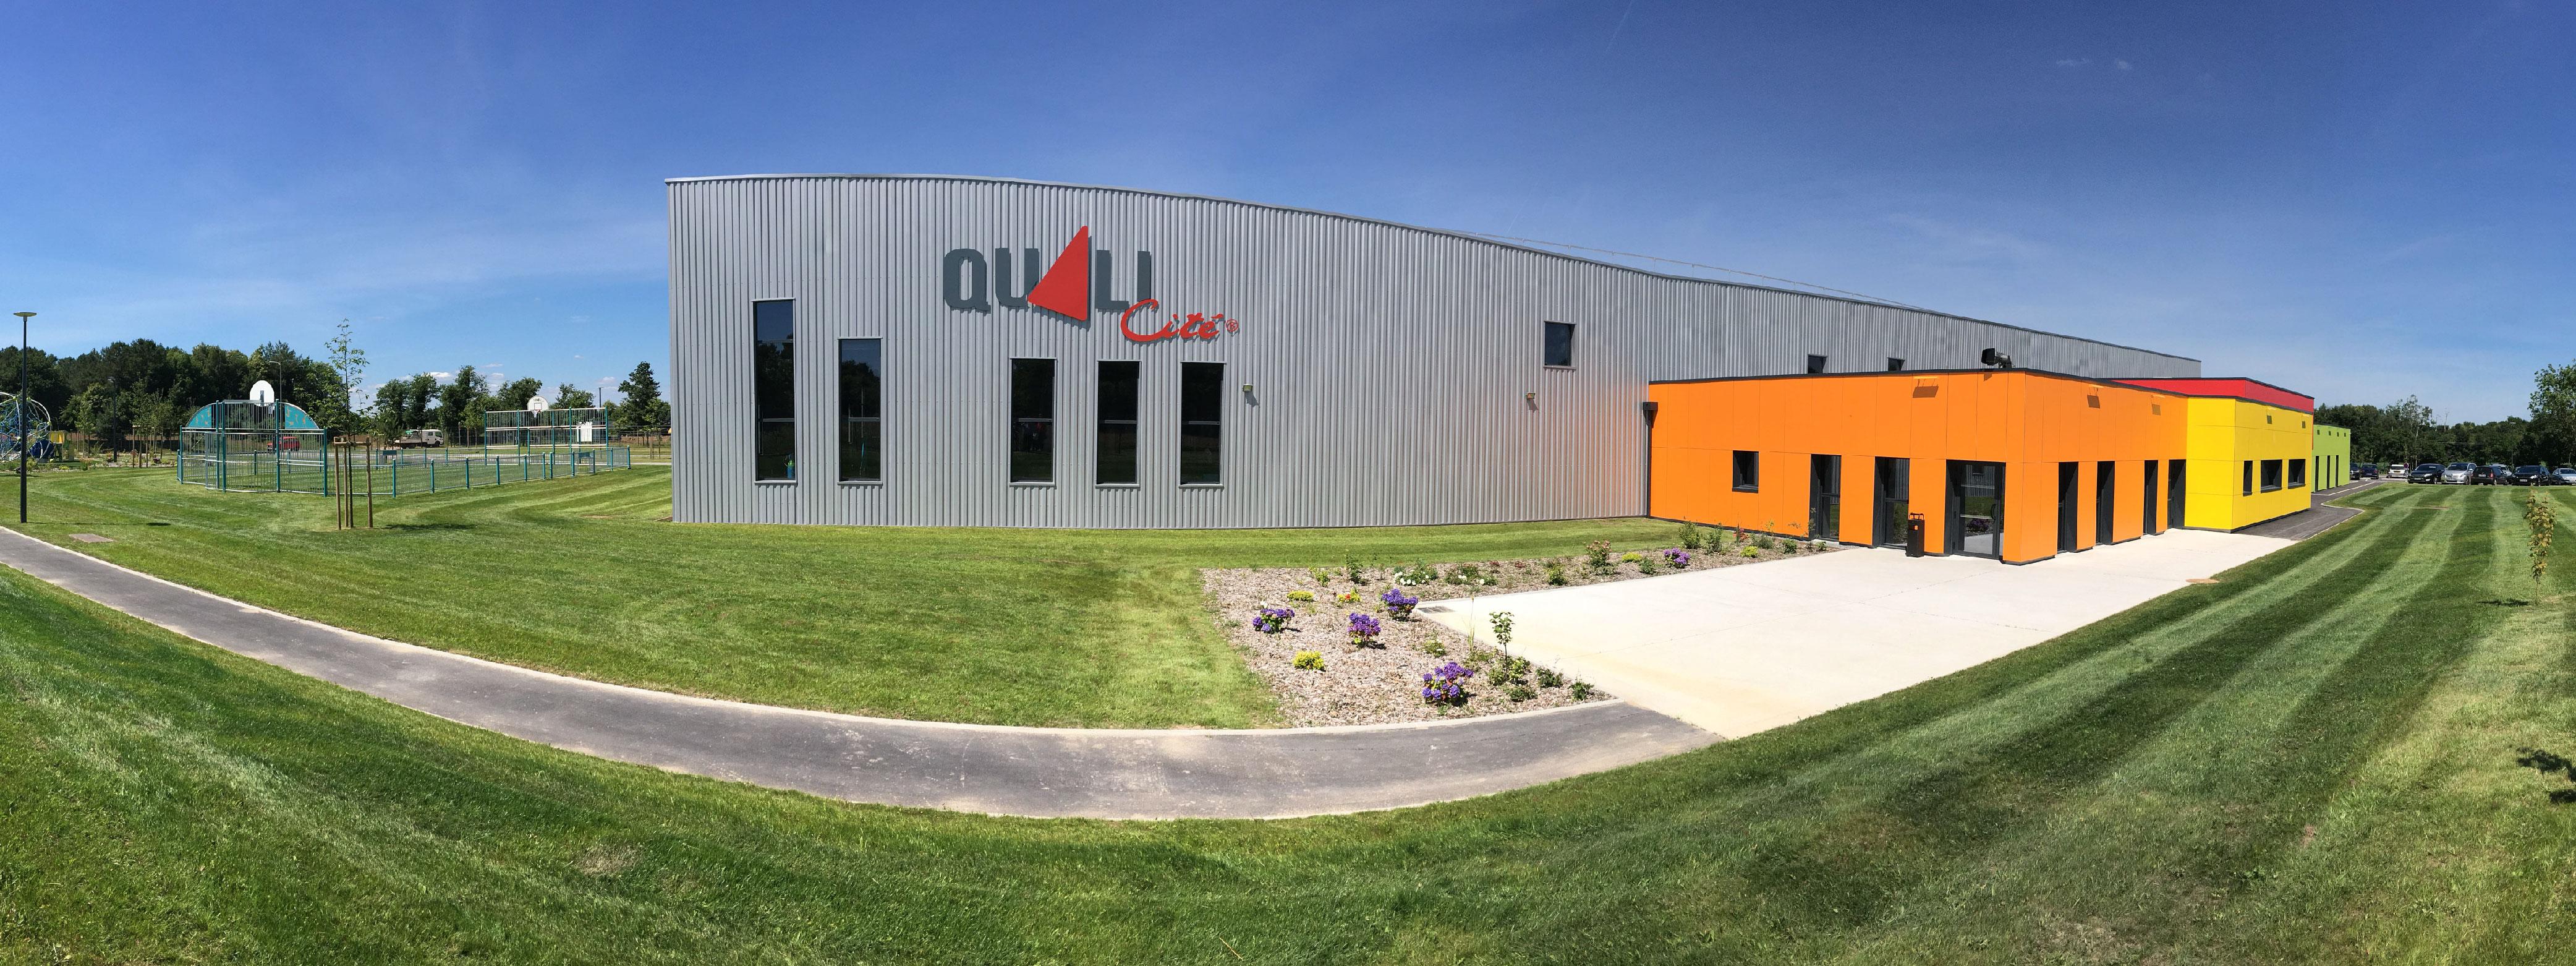 Fabrication française QUALI-Cité